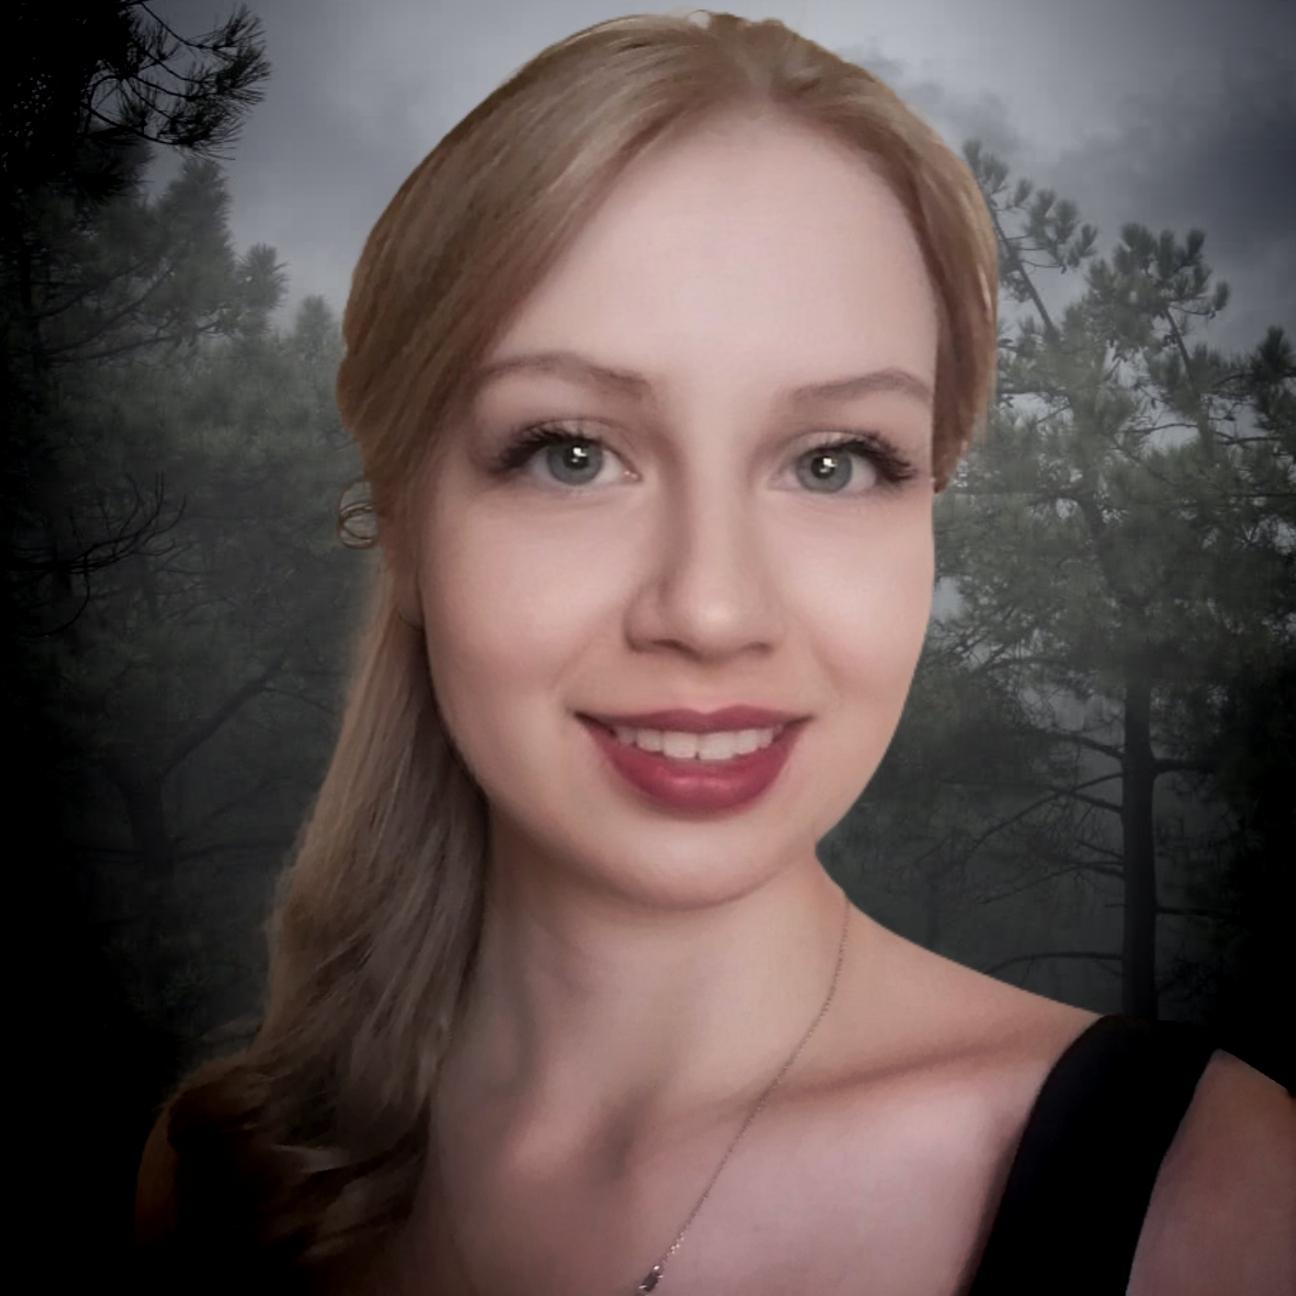 Фото Няни: Ирина, 21 год